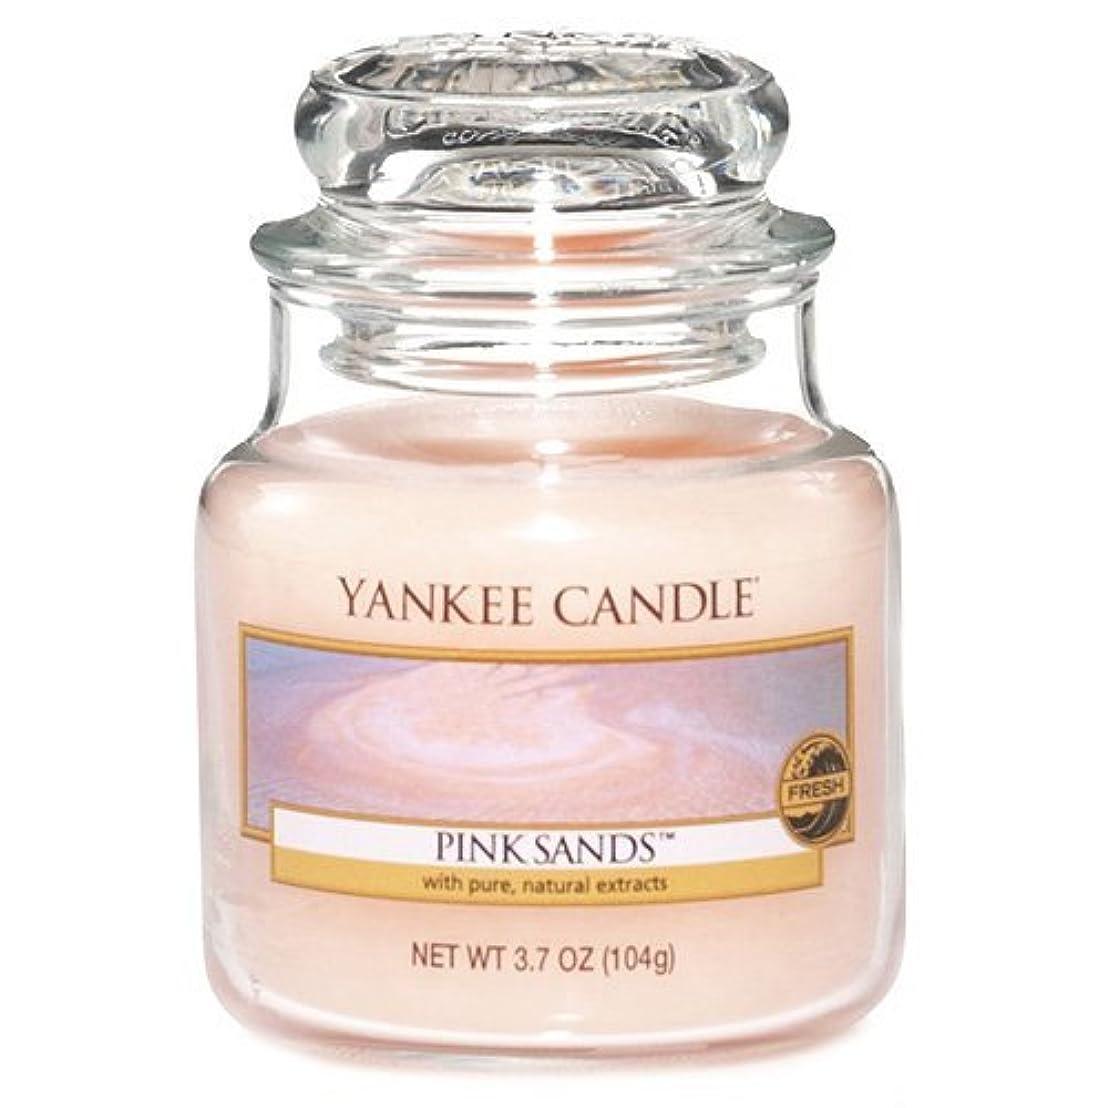 パンツ熟達した受信機Yankee Candle Pink Sands 3.7-Ounce Jar Candle, Small [並行輸入品]